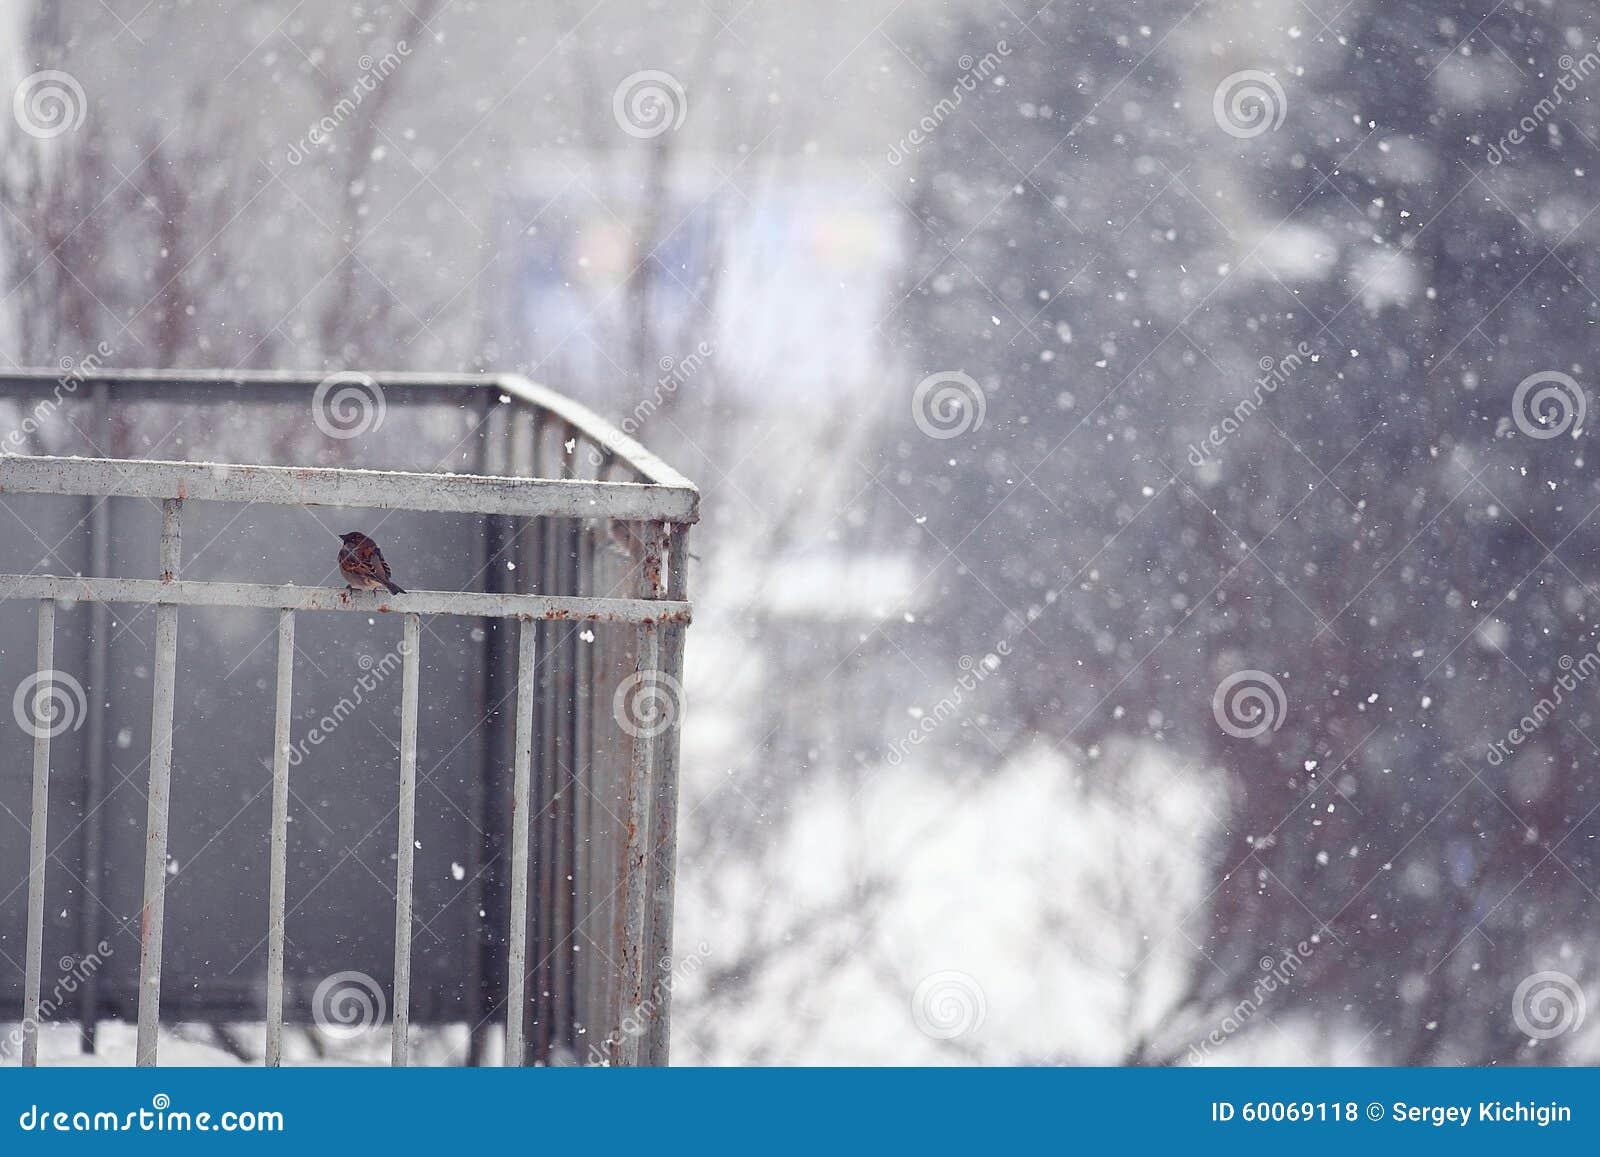 Een Winters Balkon : Балкон с маленьким воробьем Стоковое Фото изображение